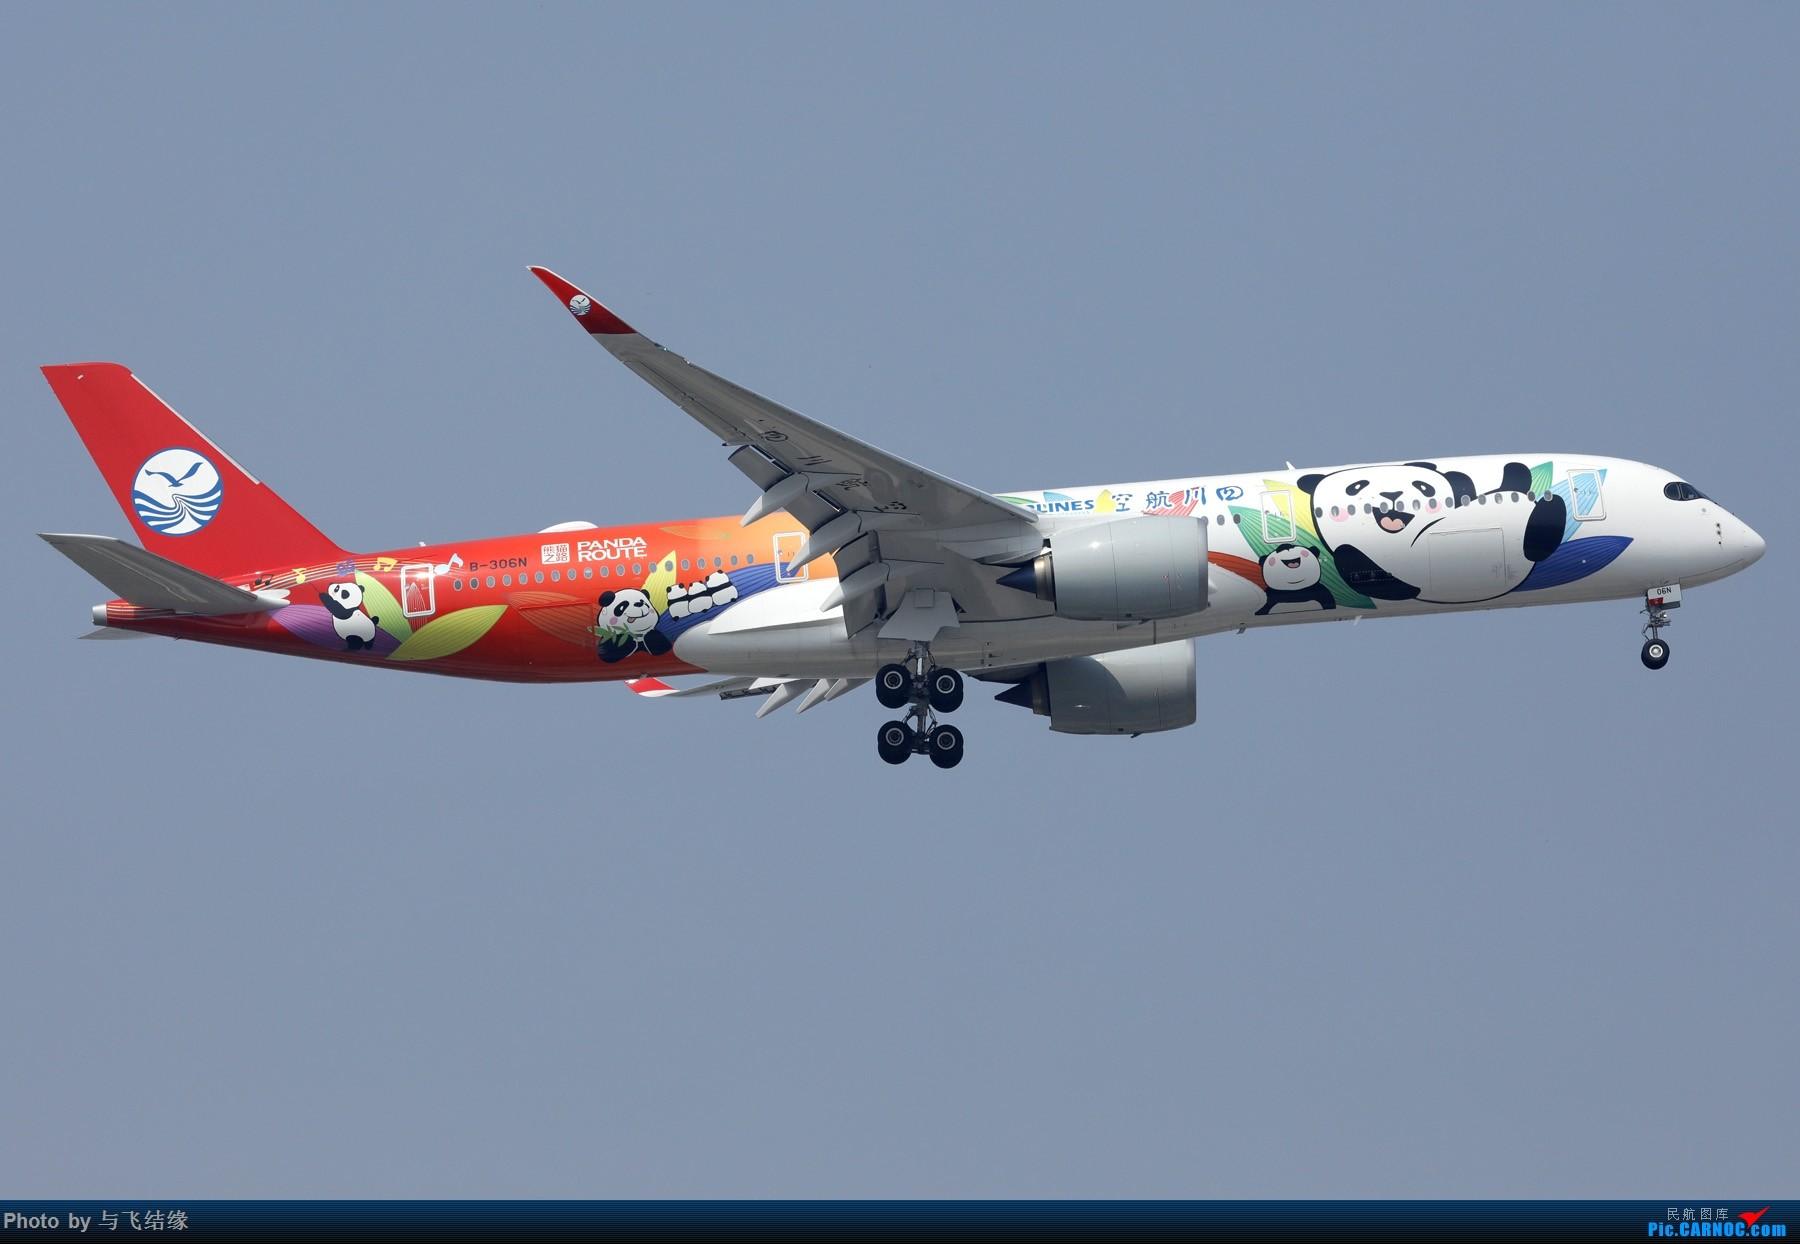 [原创]四川航空空客359熊猫彩绘二号机与国航空客359星空联盟彩绘机。 AIRBUS A350-900 B-306N 中国北京首都国际机场